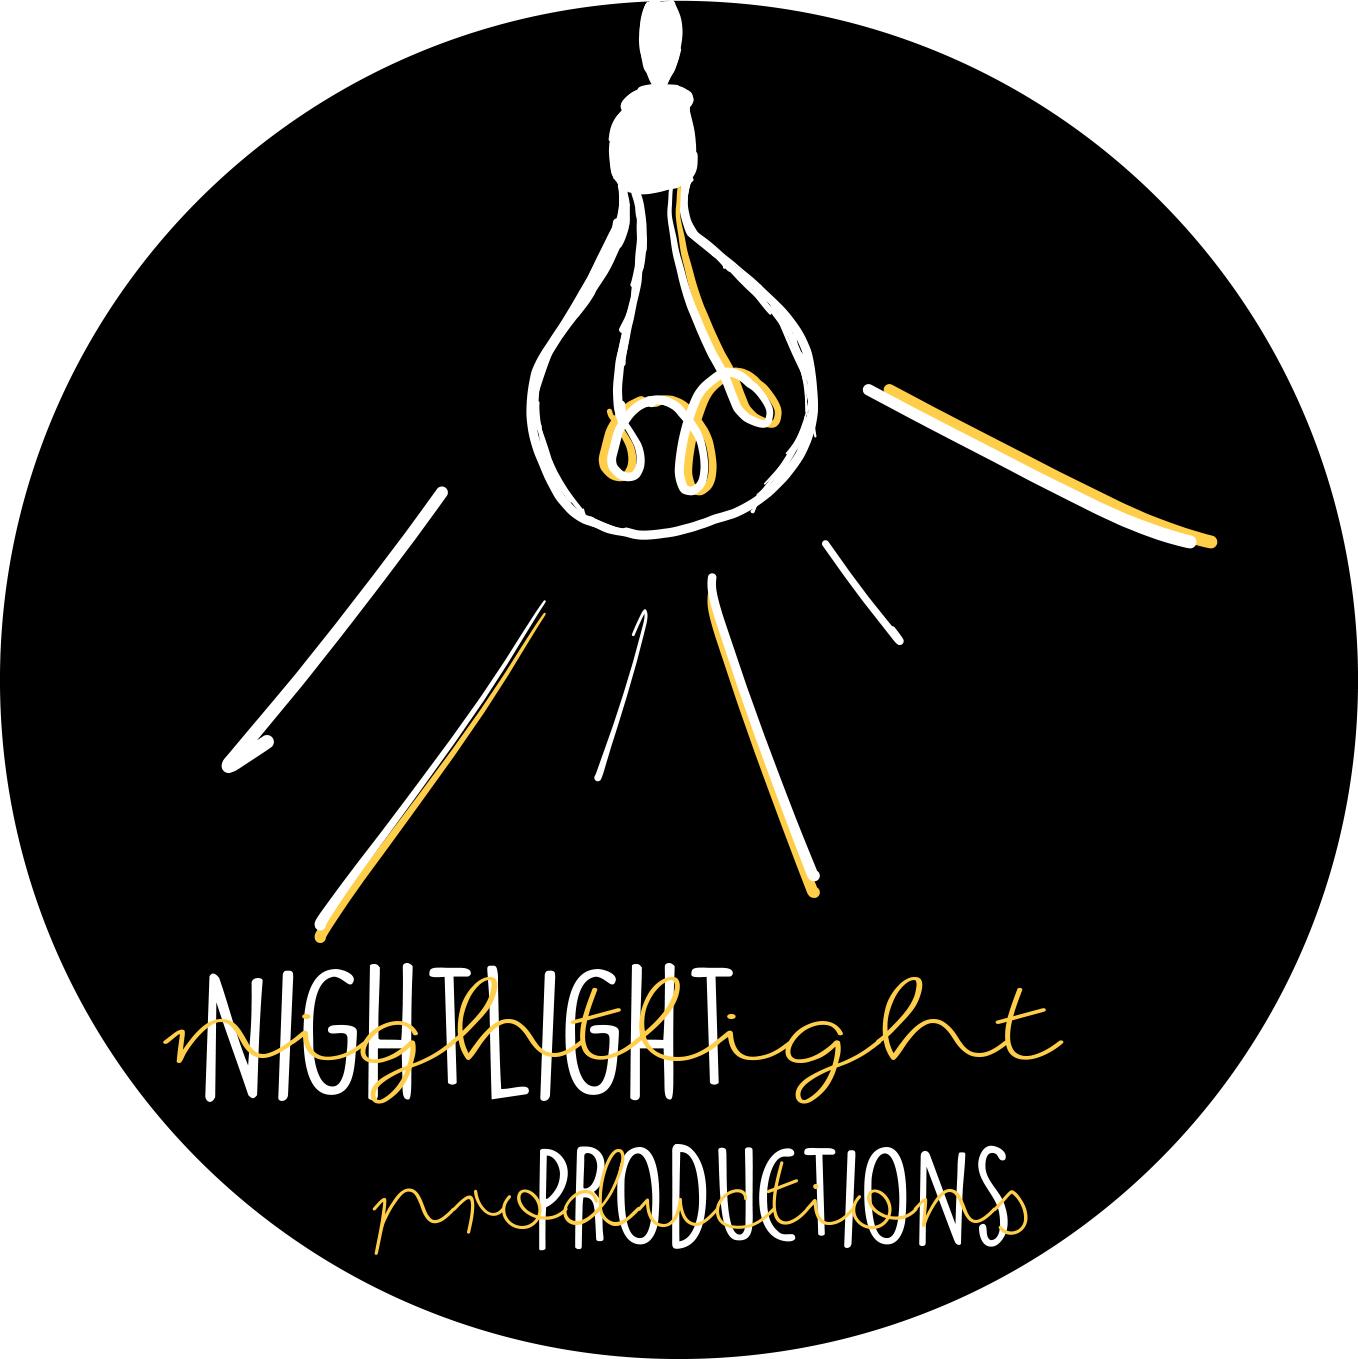 NightlightProductions1.jpg